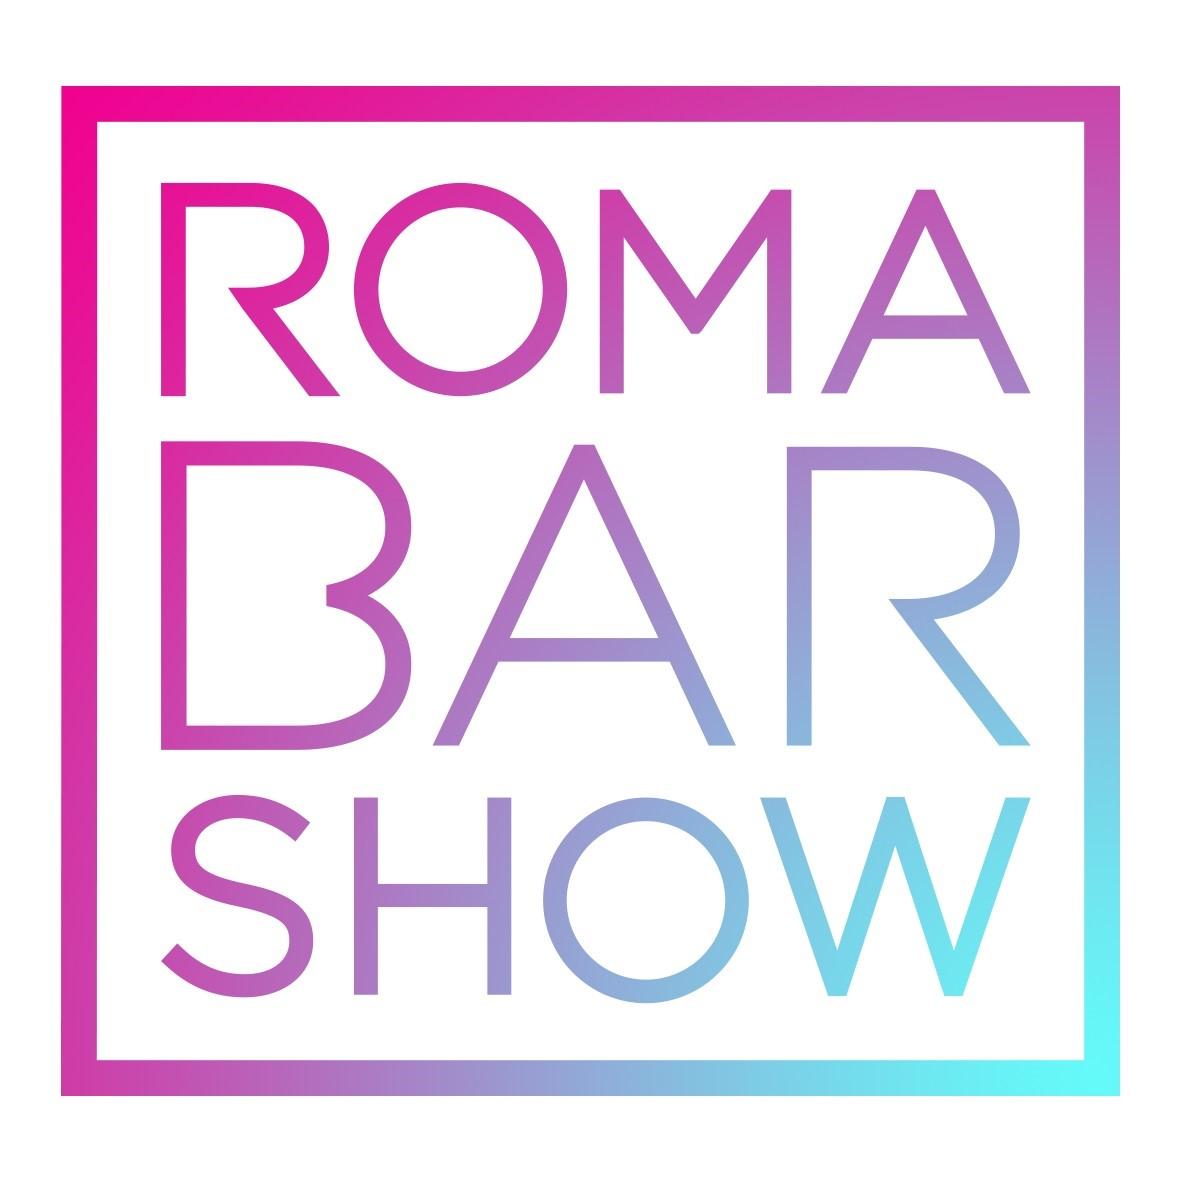 ROMA BAR SHOW 23 e 24 SETTEMBRE 2019